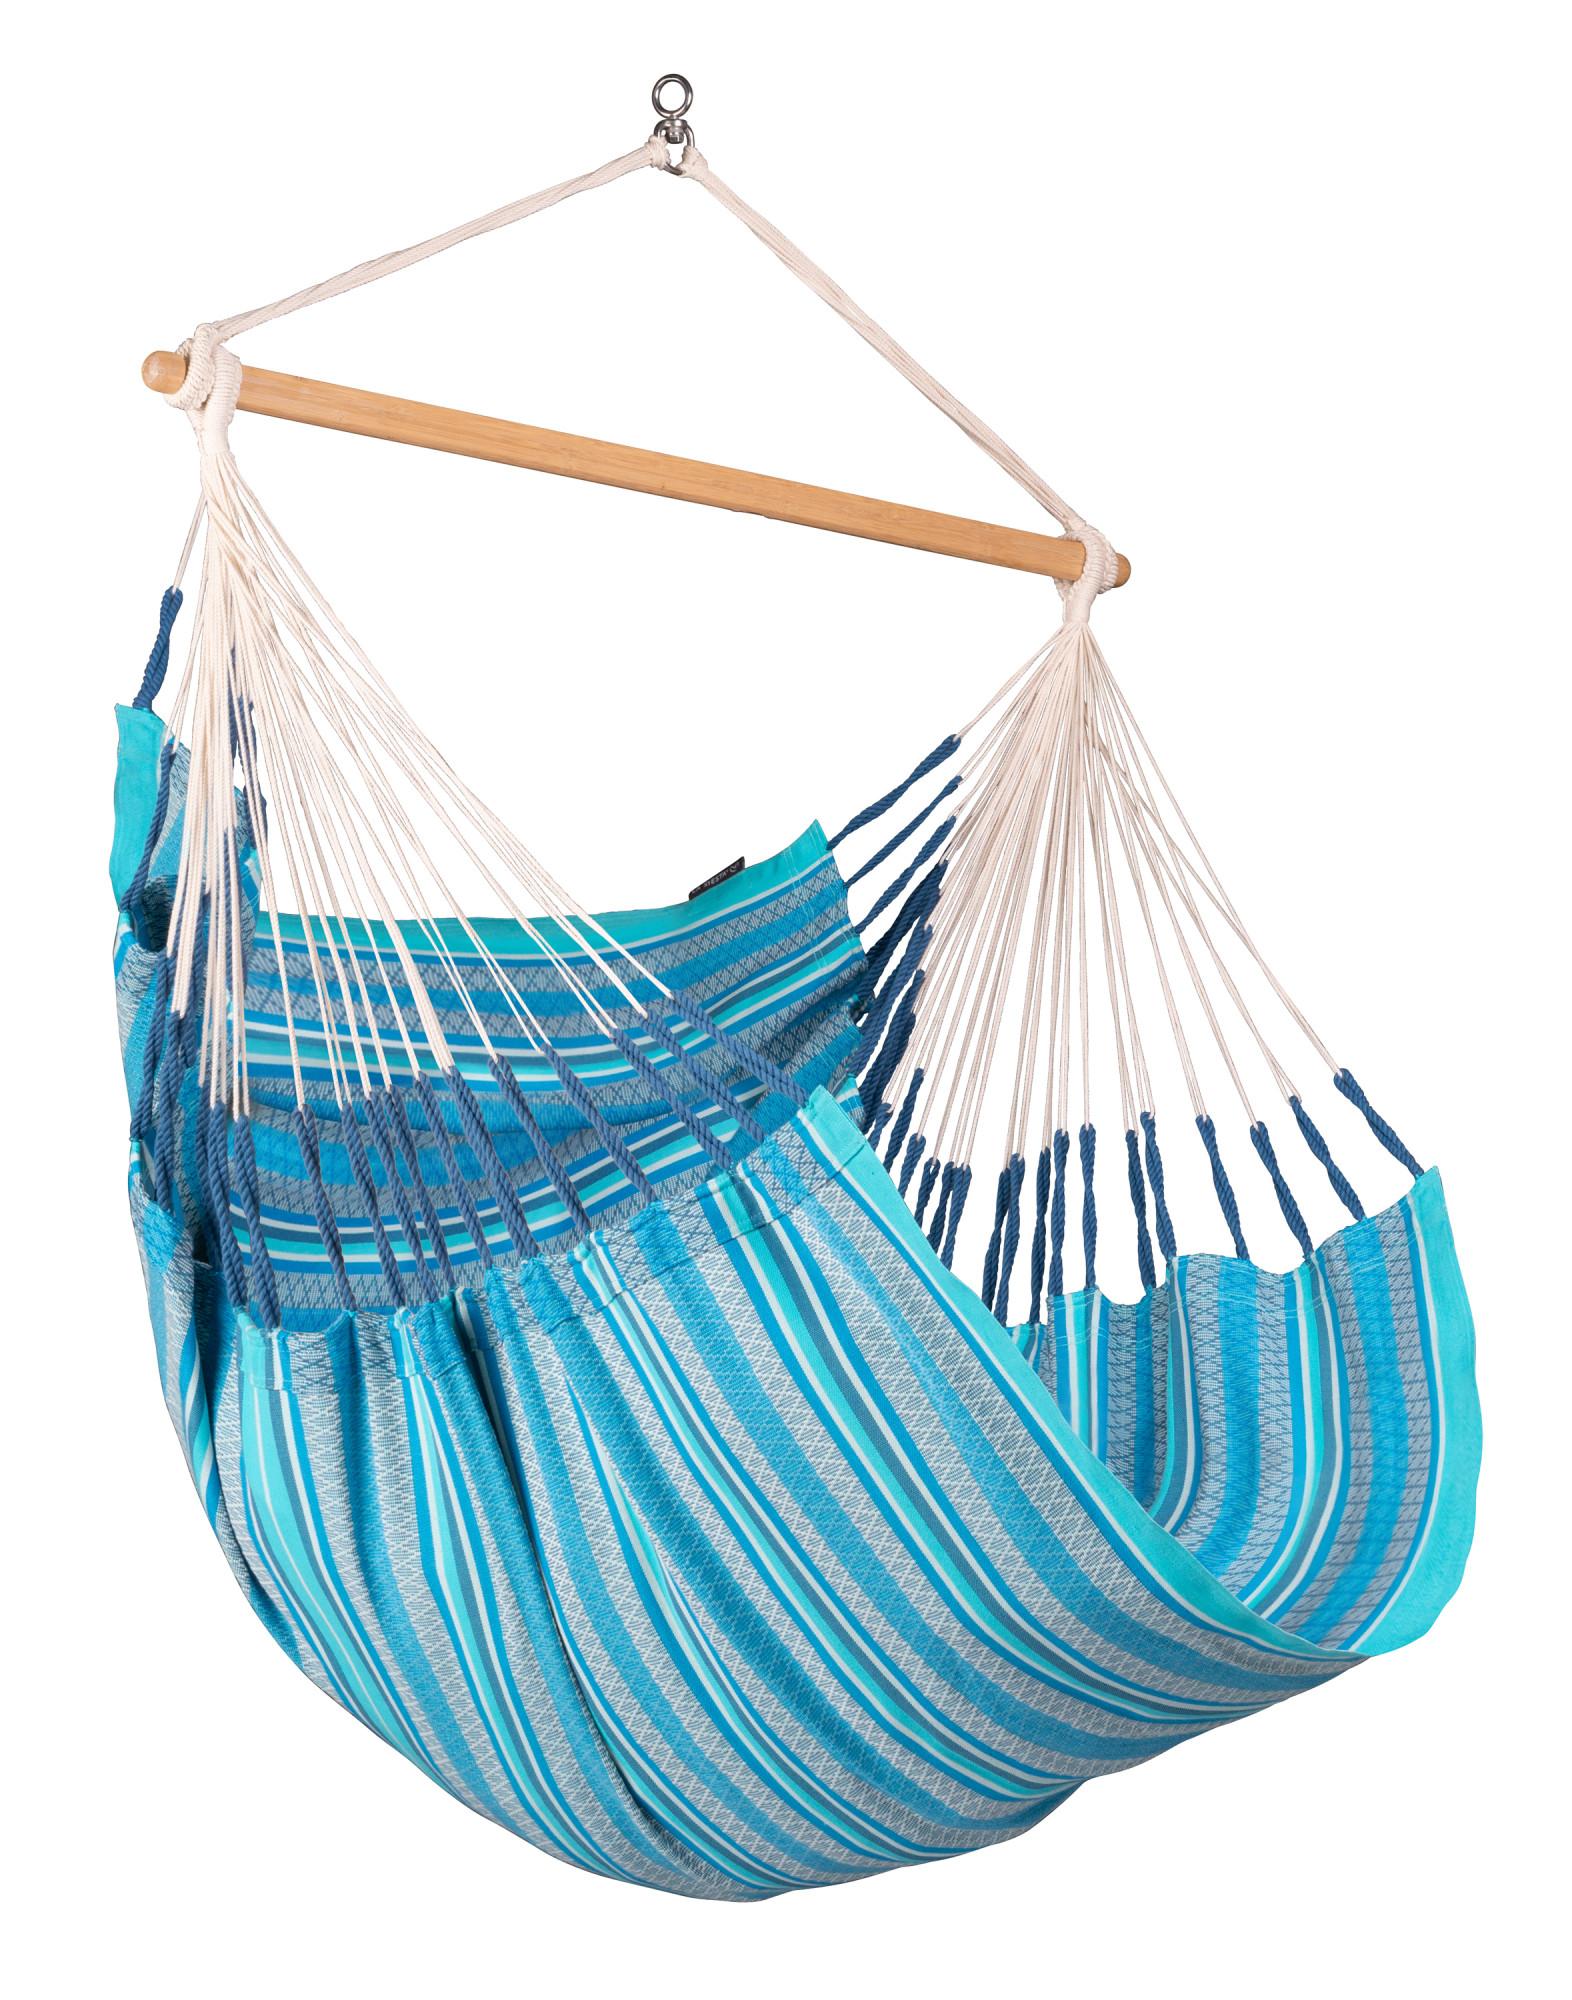 Chaise-hamac comfort en coton bio bleu